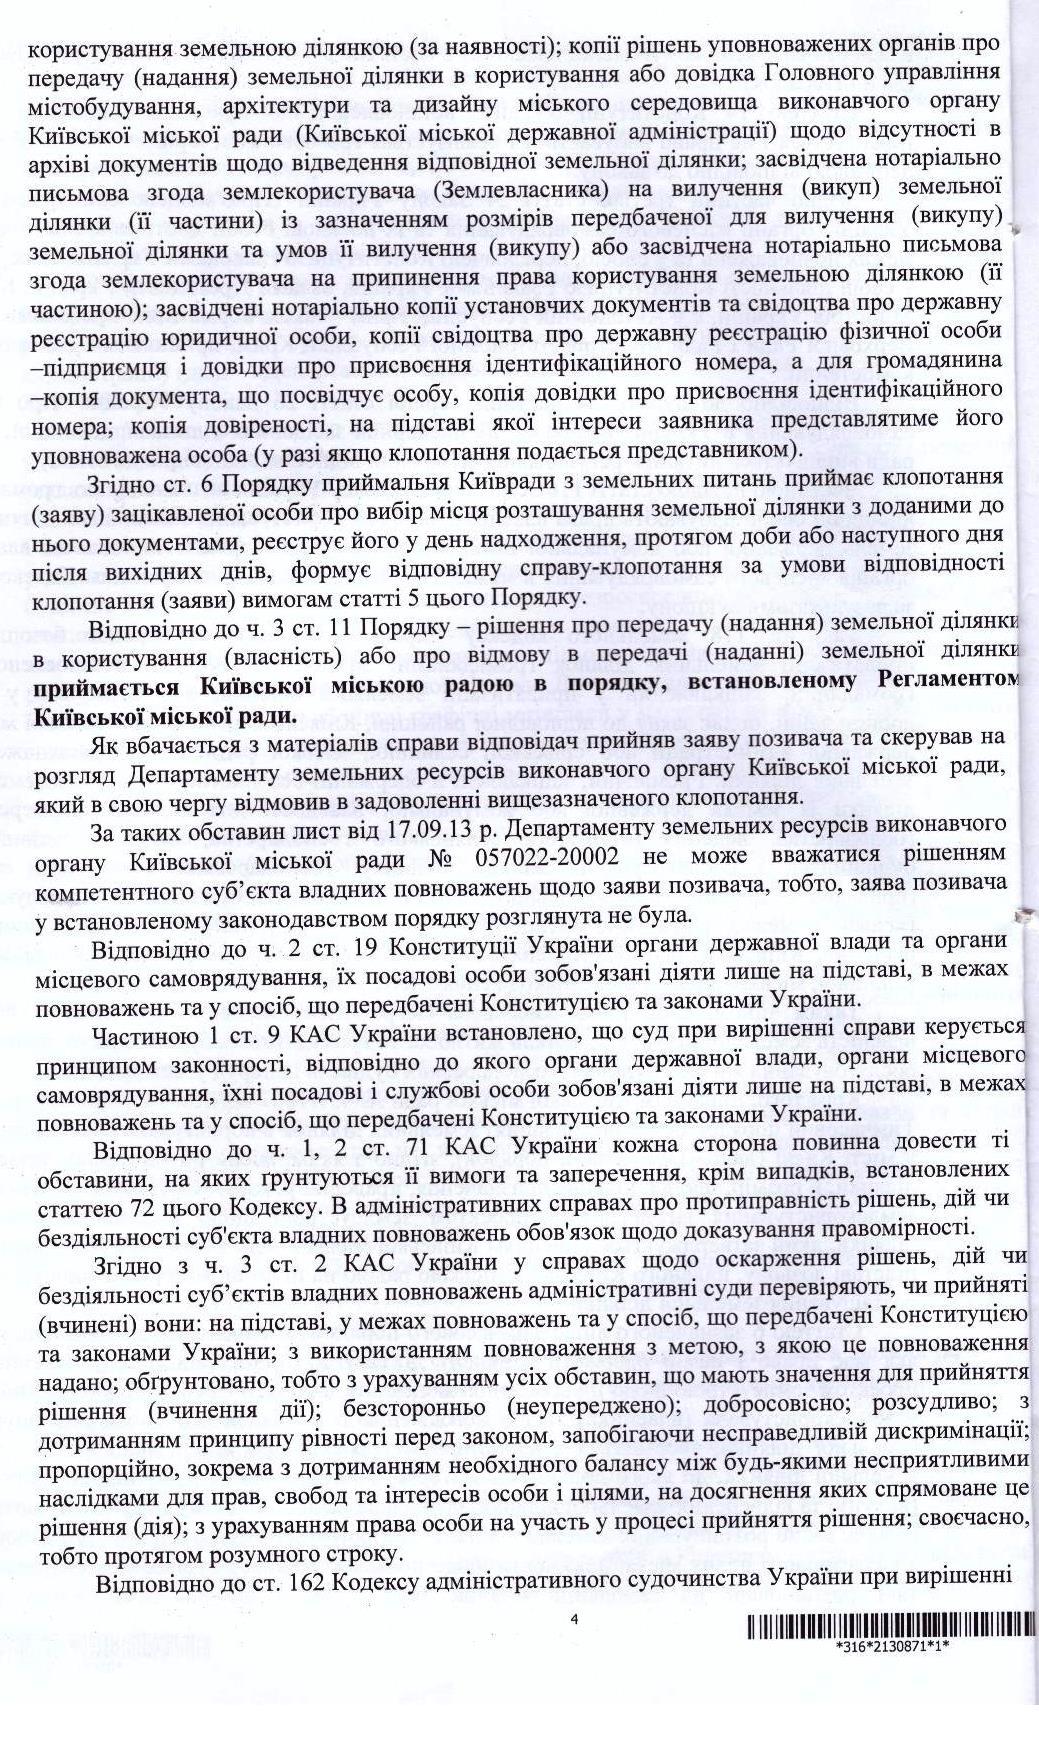 Окружний адмінсуд Києва4